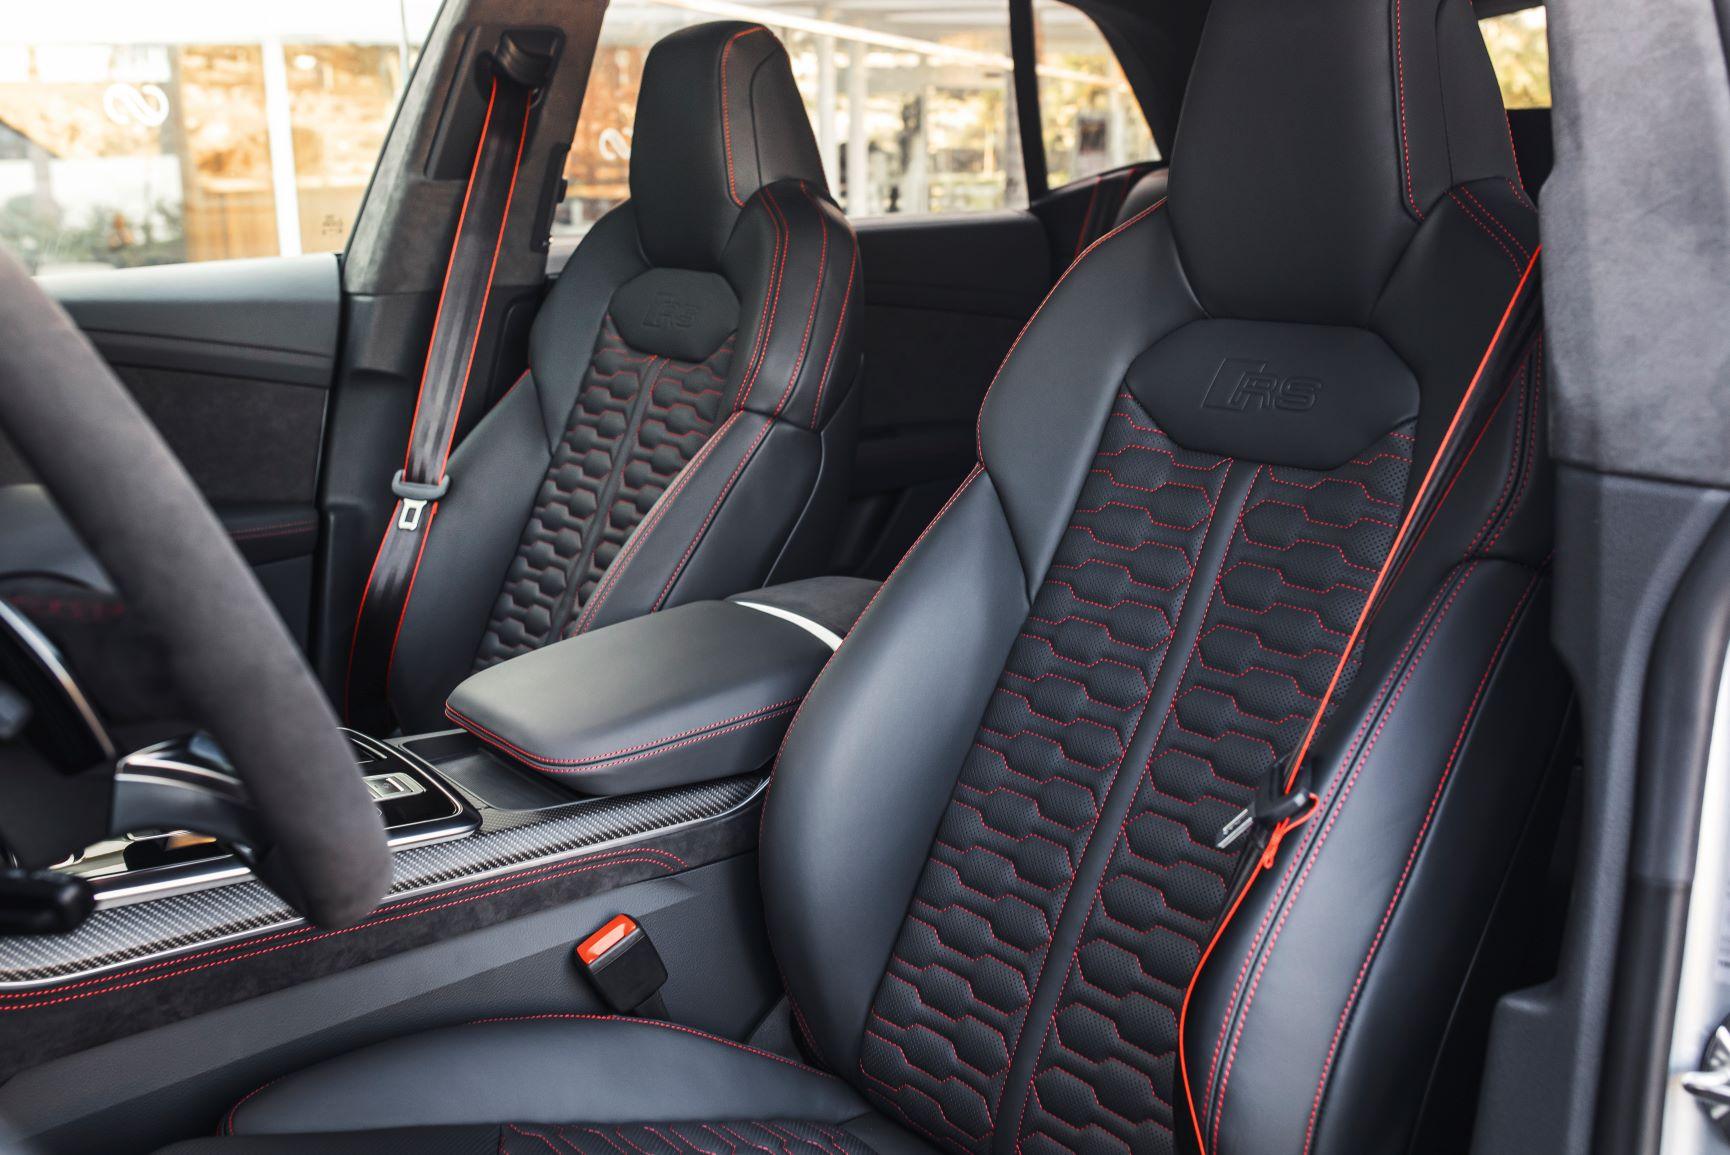 أودي RS Q8 الجديدة